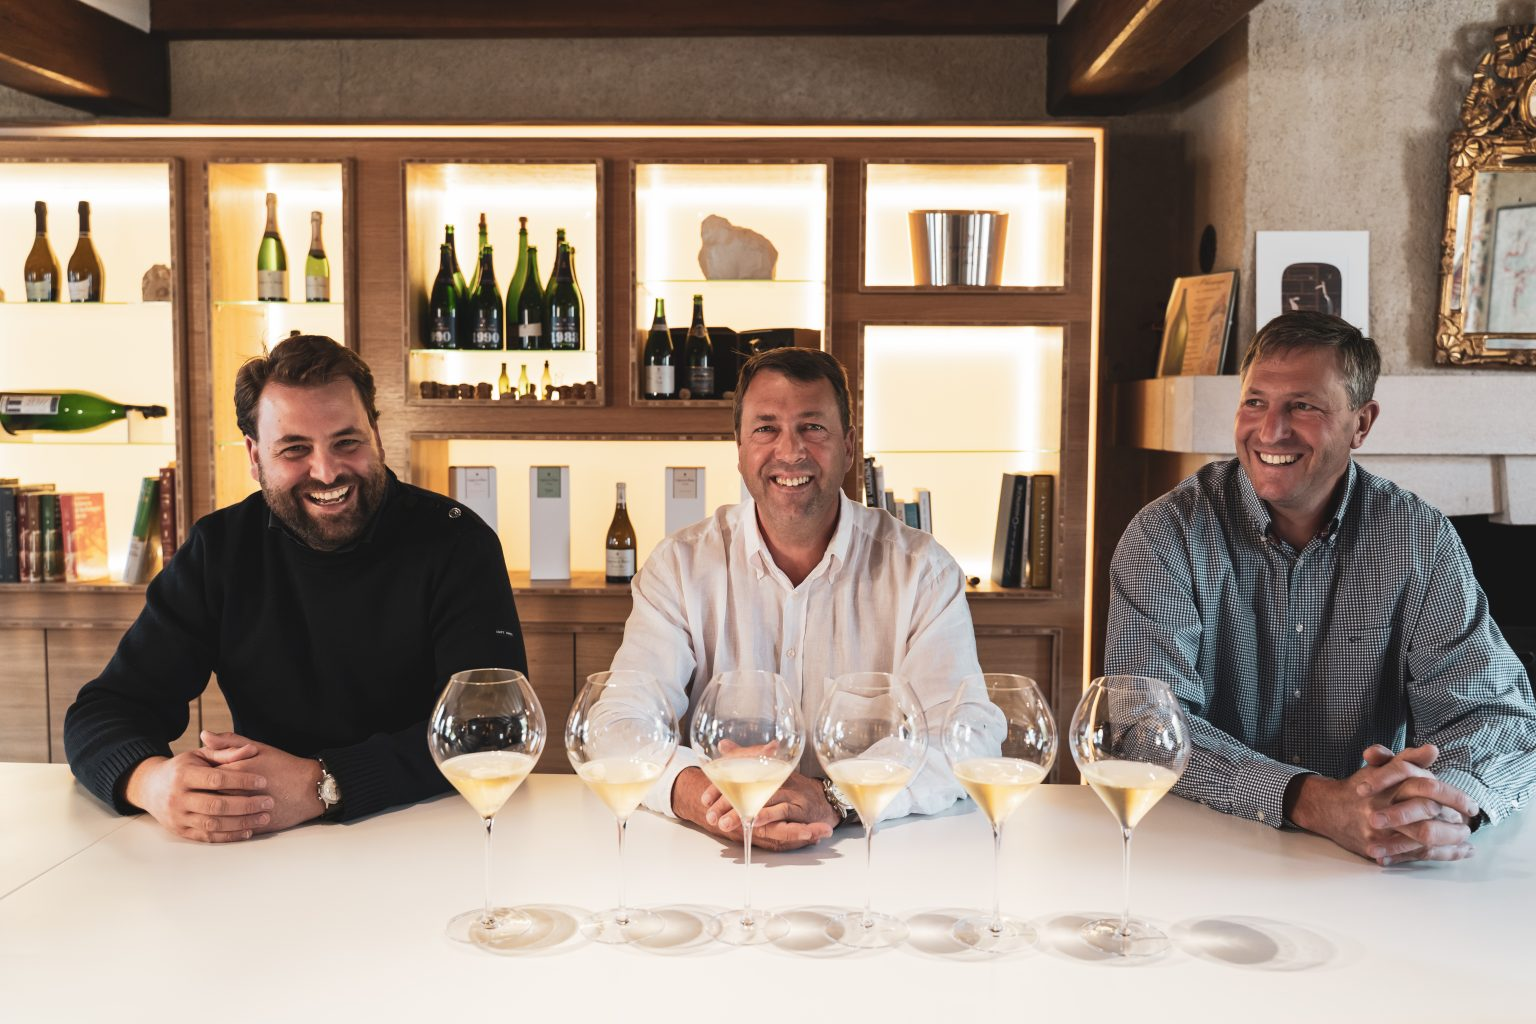 La vendange, par Sébastien & Jérôme - Champagne Legras & Haas